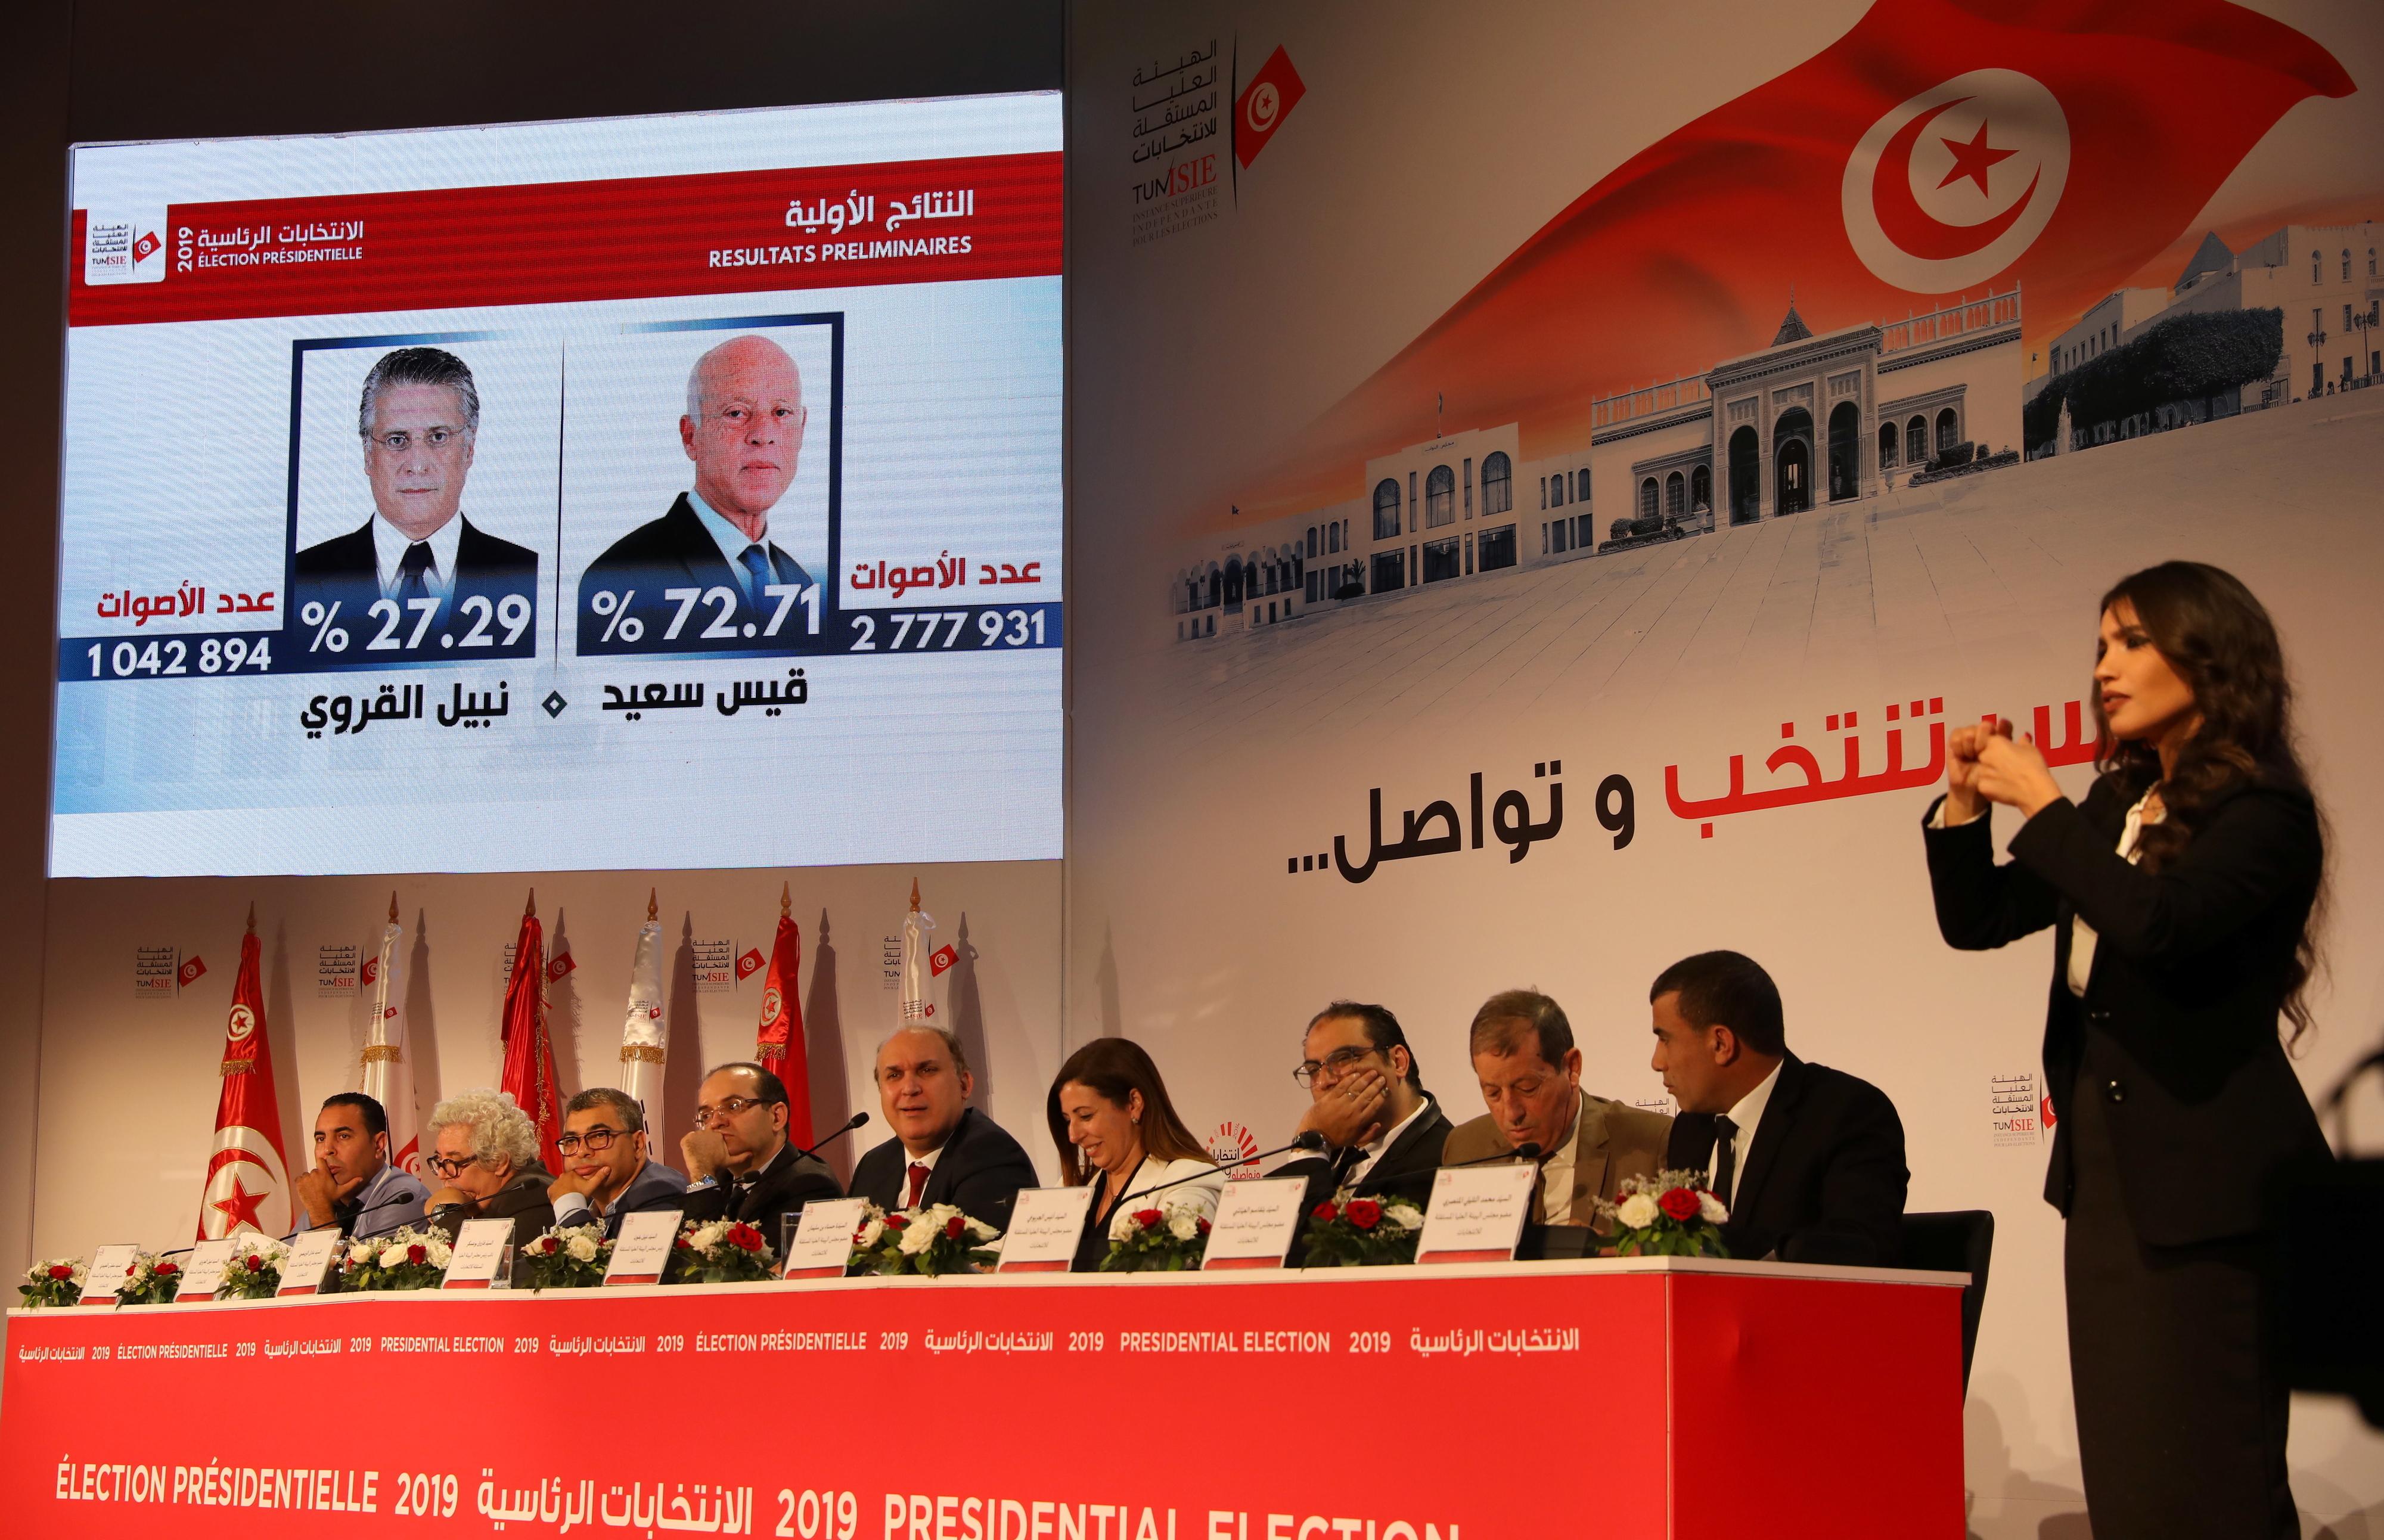 Kais Saied eleito Presidente da Tunísia com 72,71% dos votos